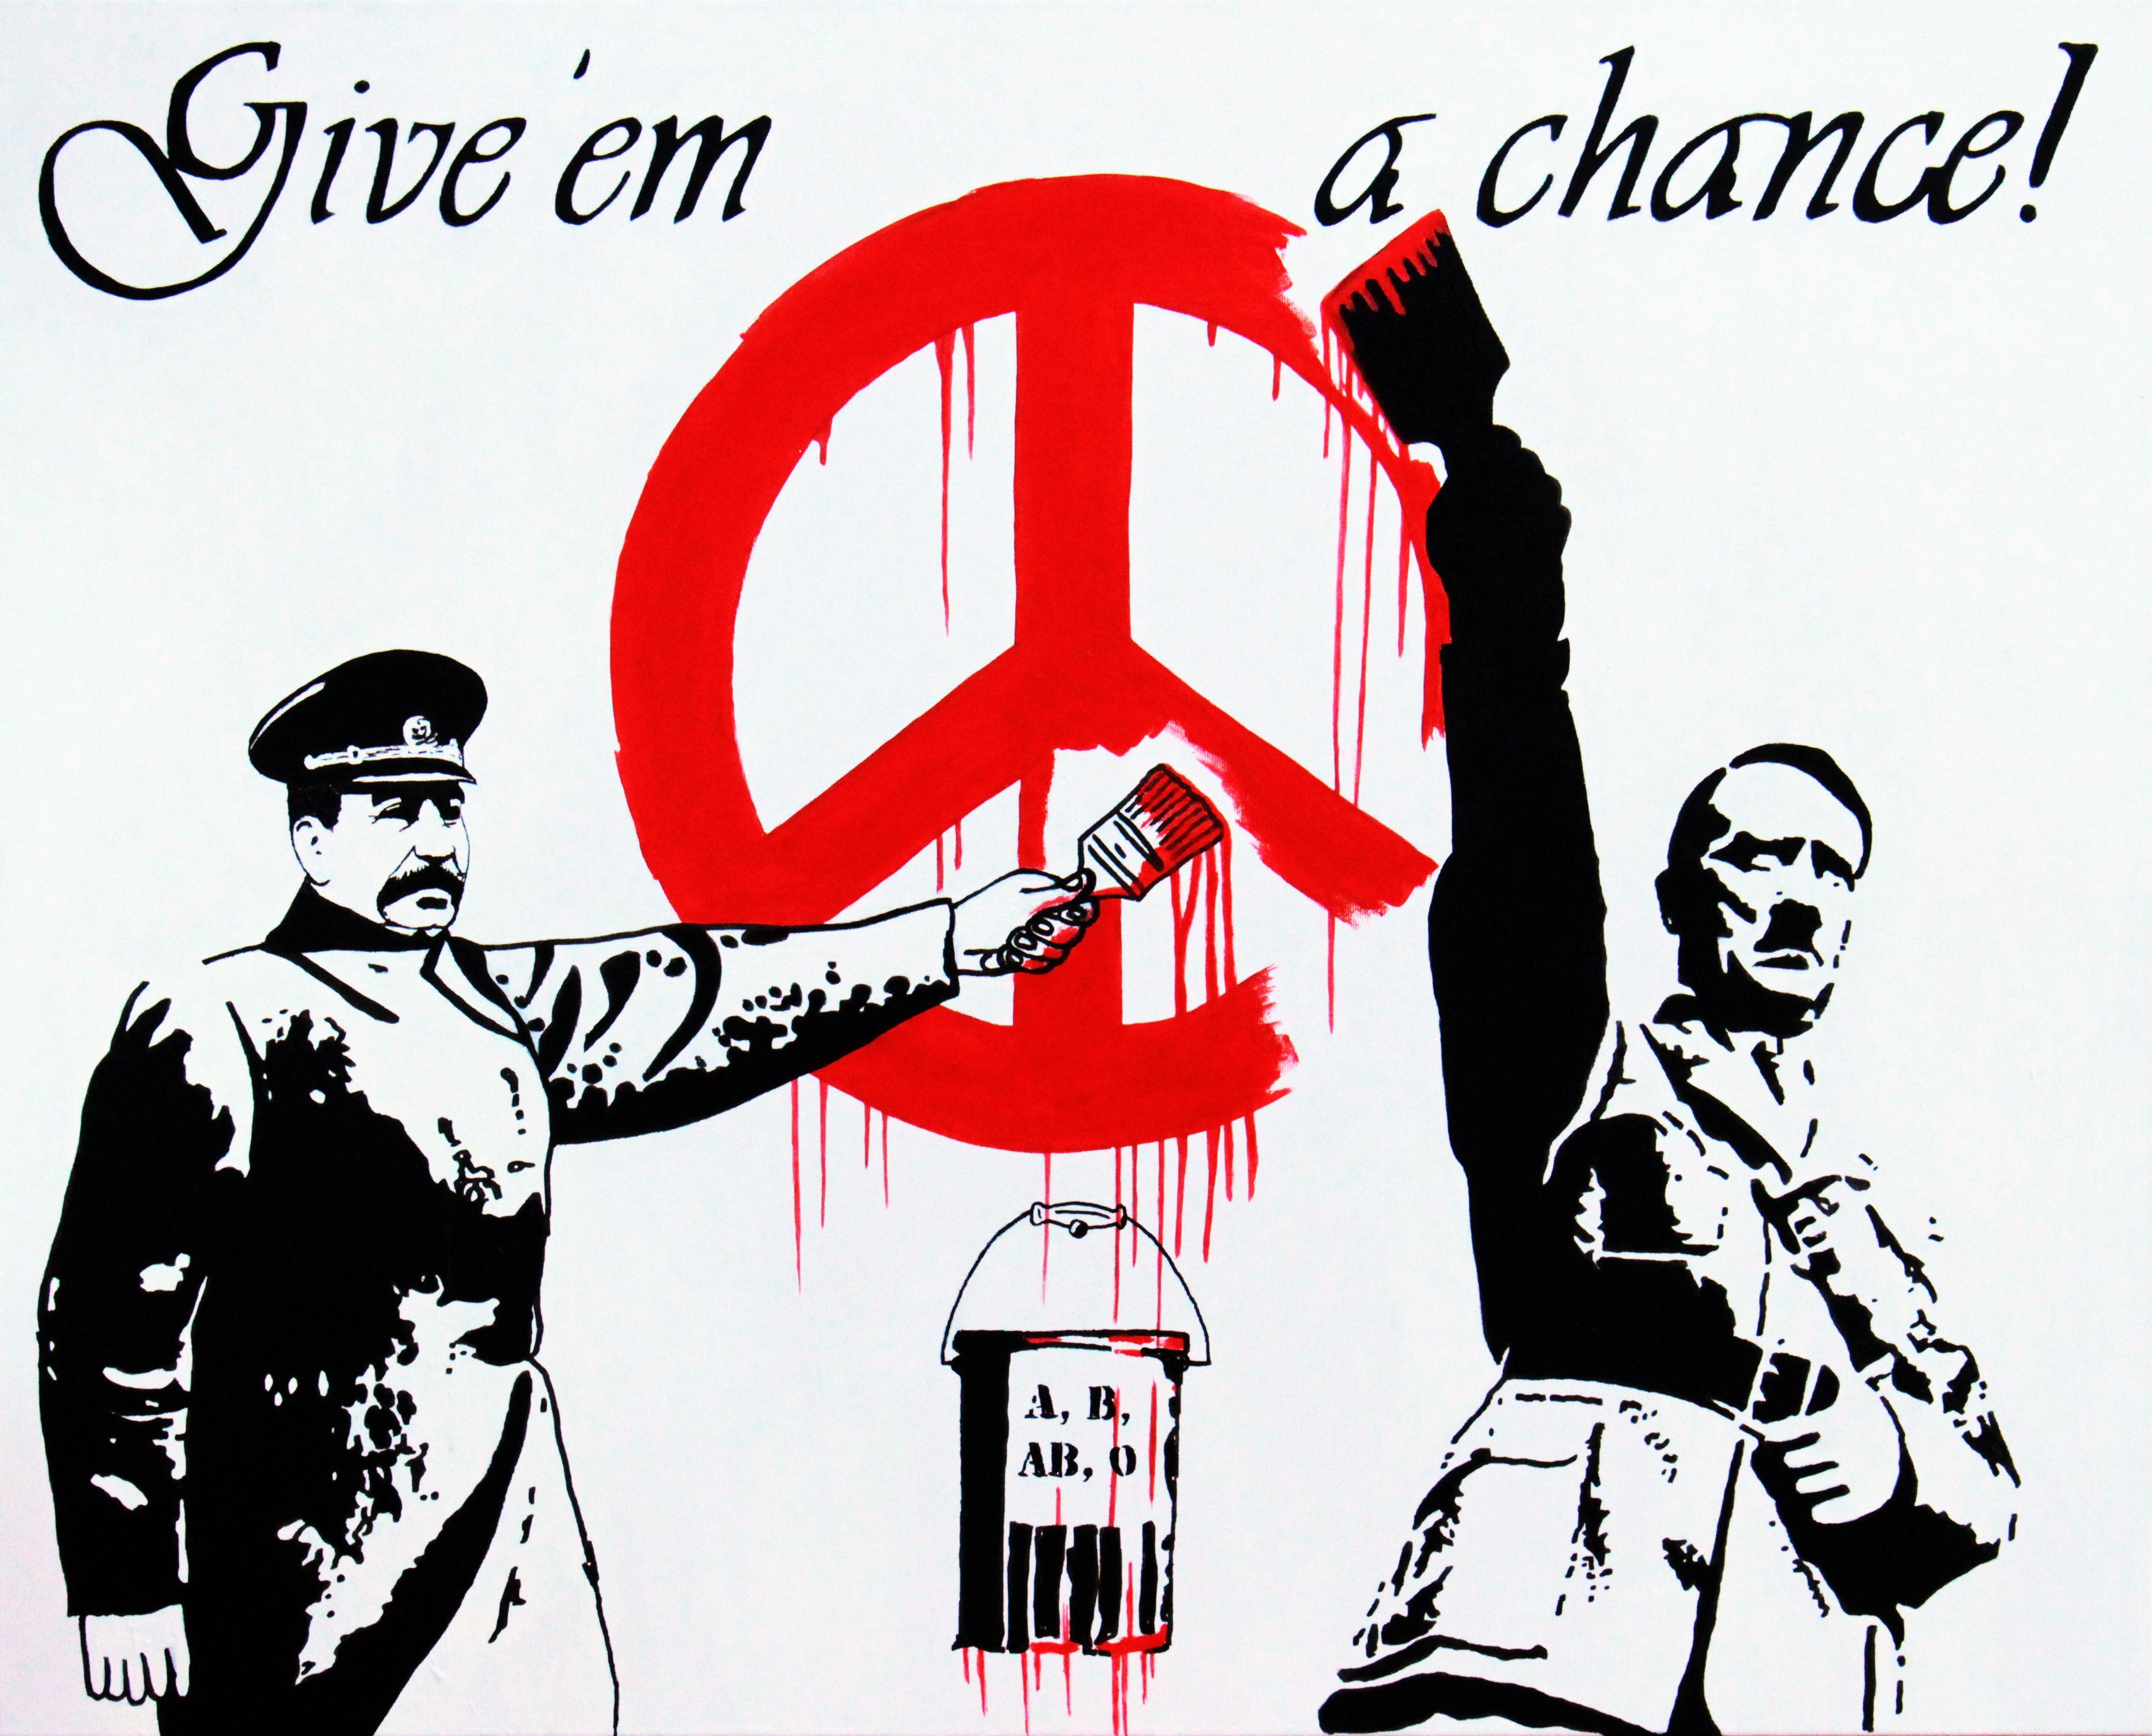 Beatles rajongók graffitiznek Banksy műtermében (A kép közlése a művész hozzájárulásával történt.)